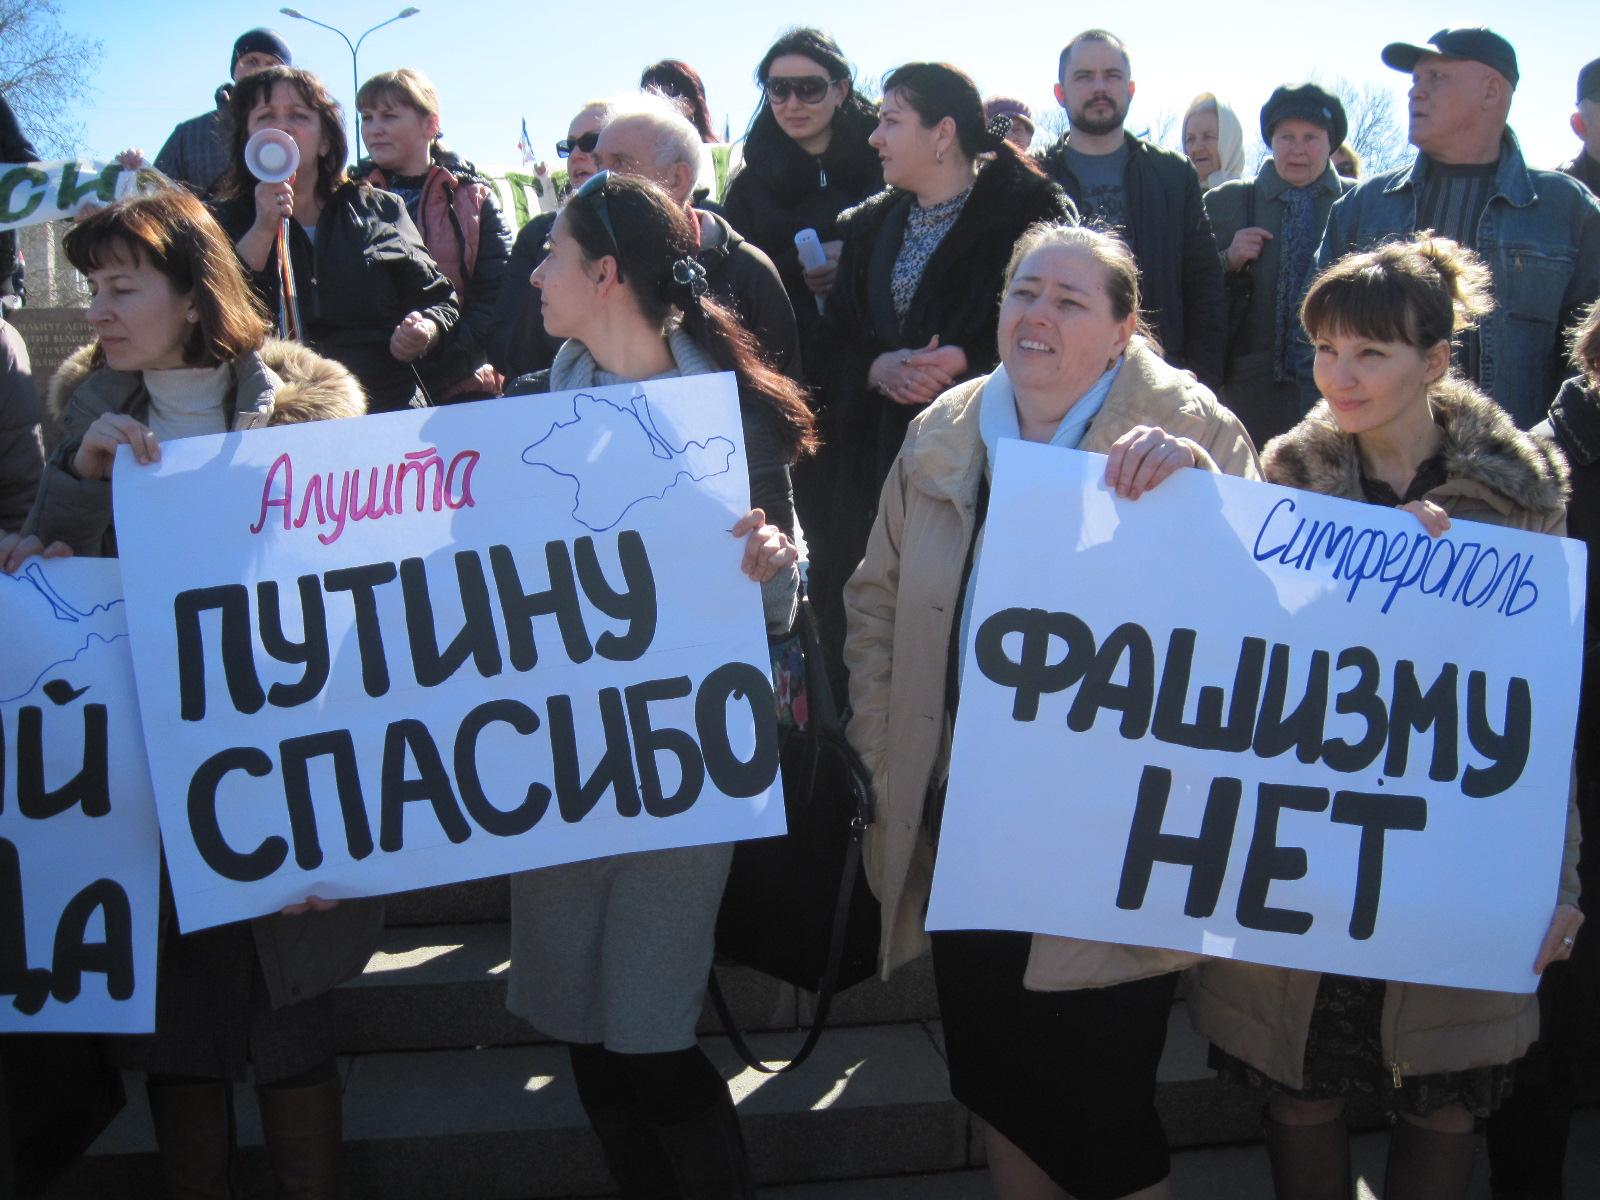 В оккупированном РФ Крыму снова дорожают продукты. На этот раз из-за повышения тарифов на услуги Керченской переправы - Цензор.НЕТ 6167